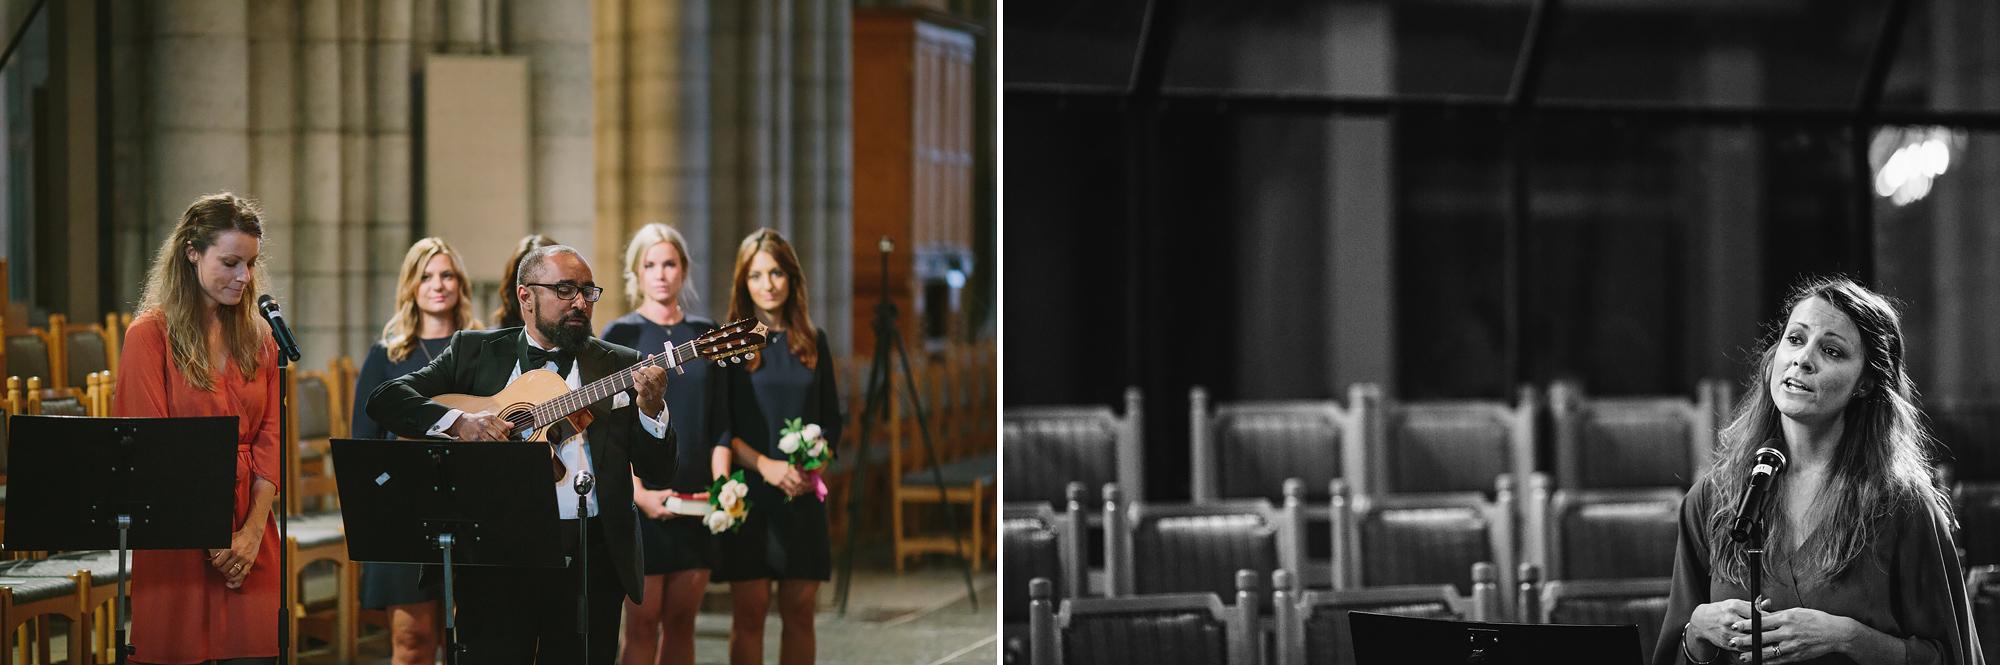 musiker spelar halleluja med jeff buckley vid bröllop